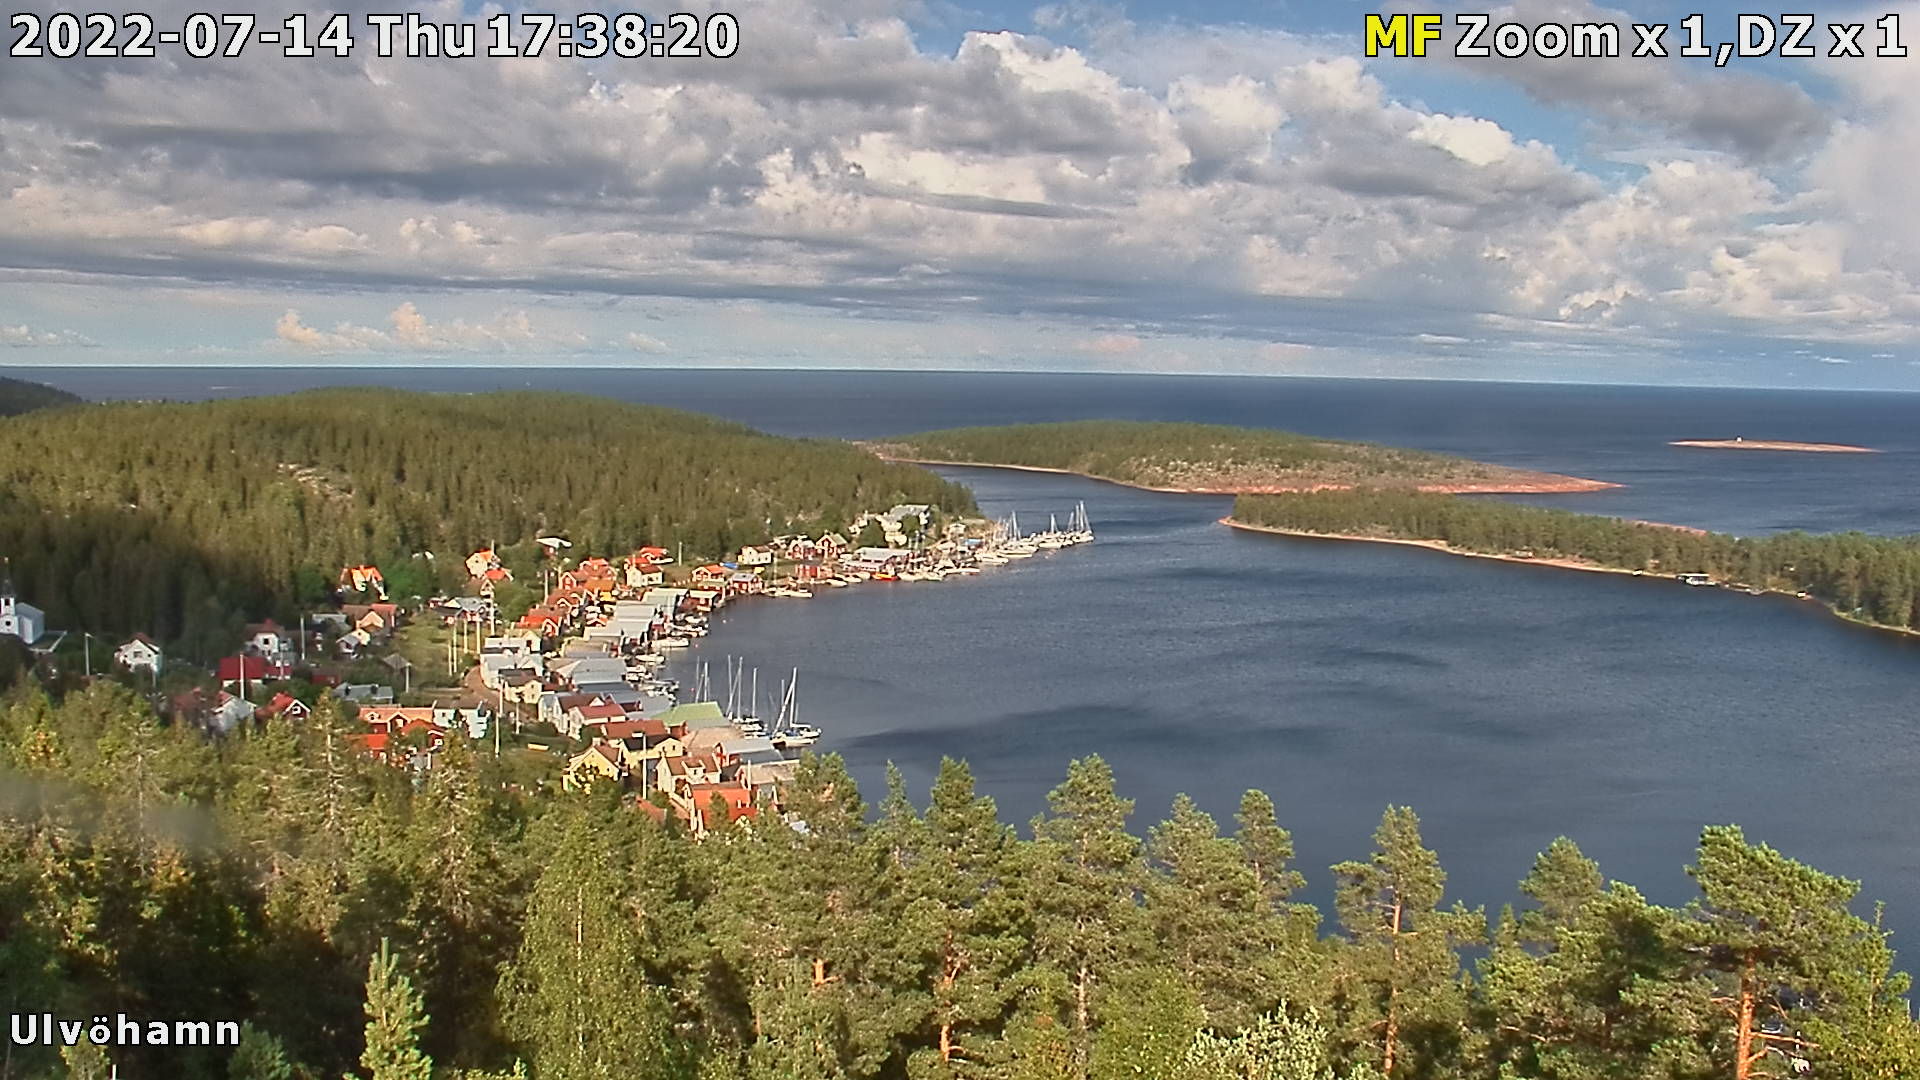 Webcam Ulvöhamn, Örnsköldsvik, Ångermanland, Schweden